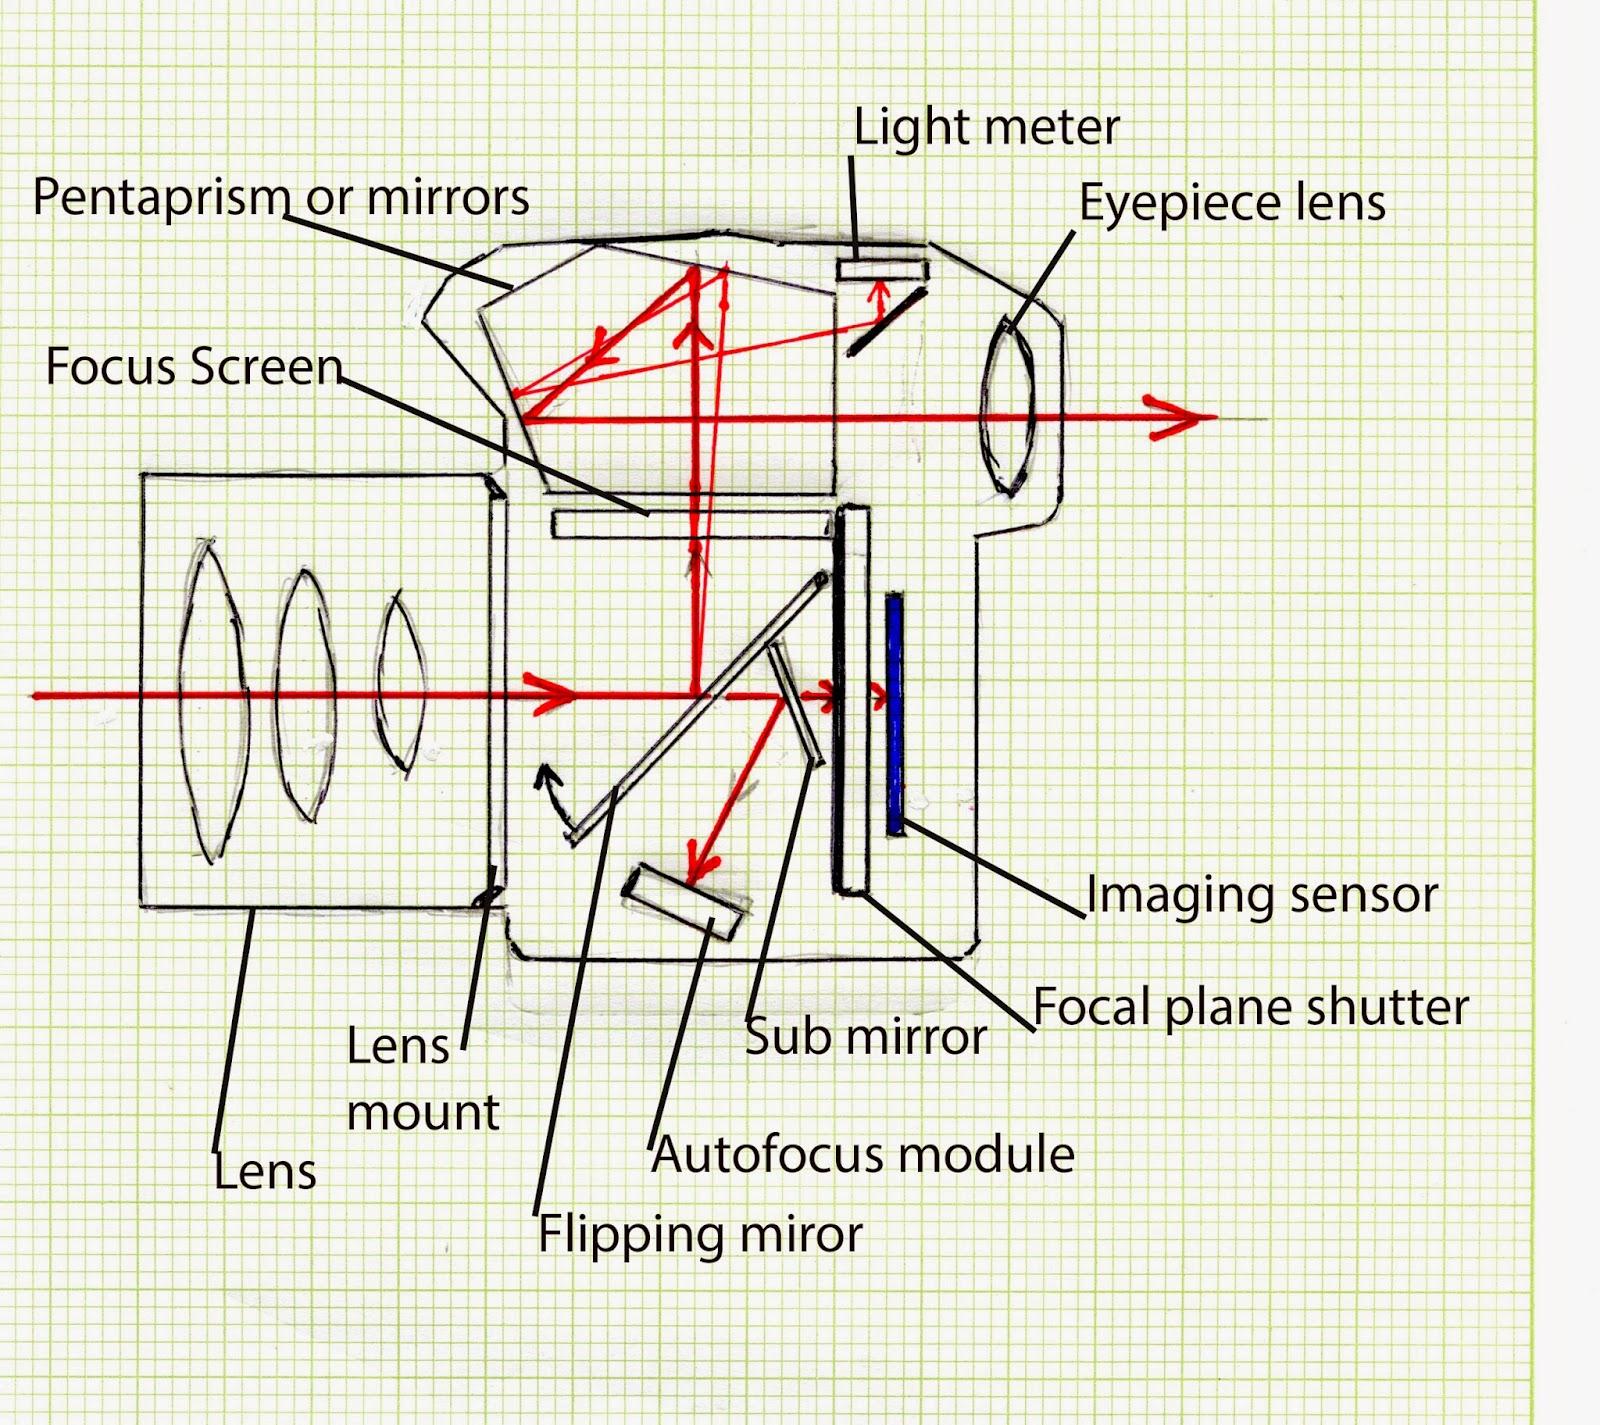 https://3.bp.blogspot.com/--8qxSp5ILu0/VQ6I4ljNsvI/AAAAAAAACm0/Q78vP3bBAwI/s1600/DSLR-Schematic-Labelled.jpg